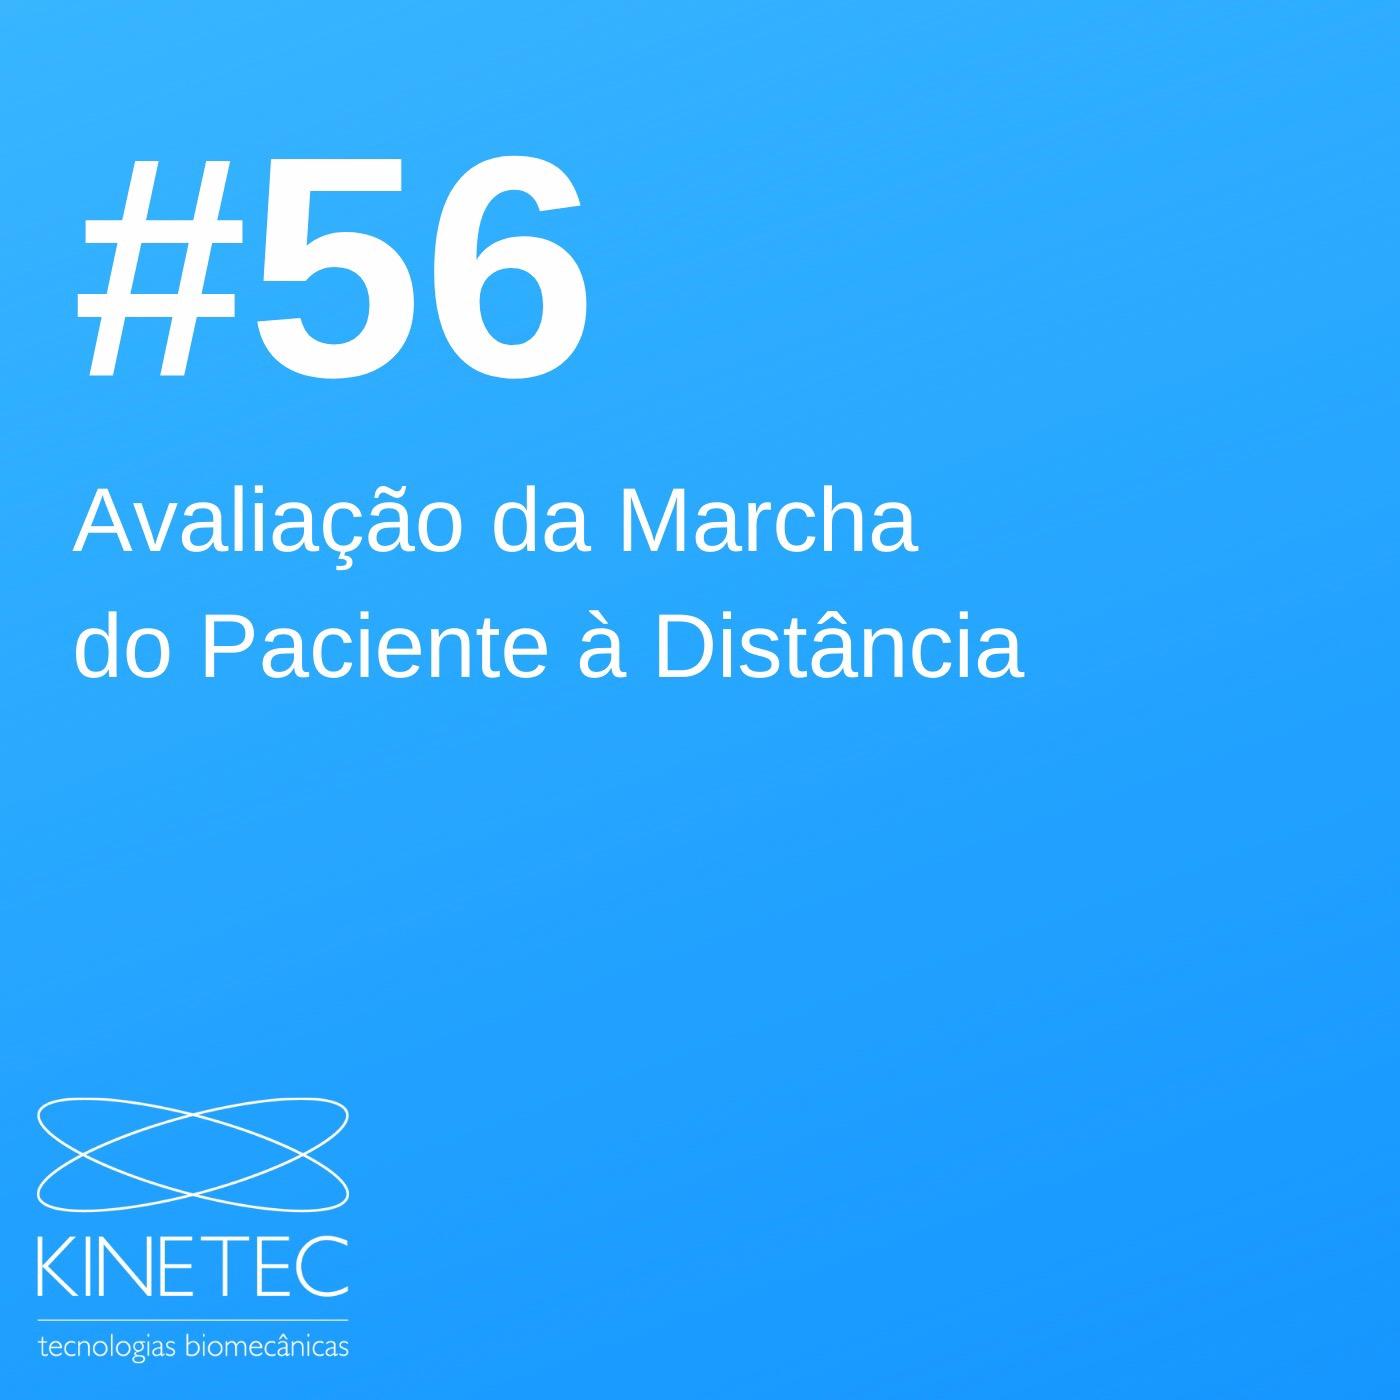 #56 Avaliação da Marcha do Paciente à Distância